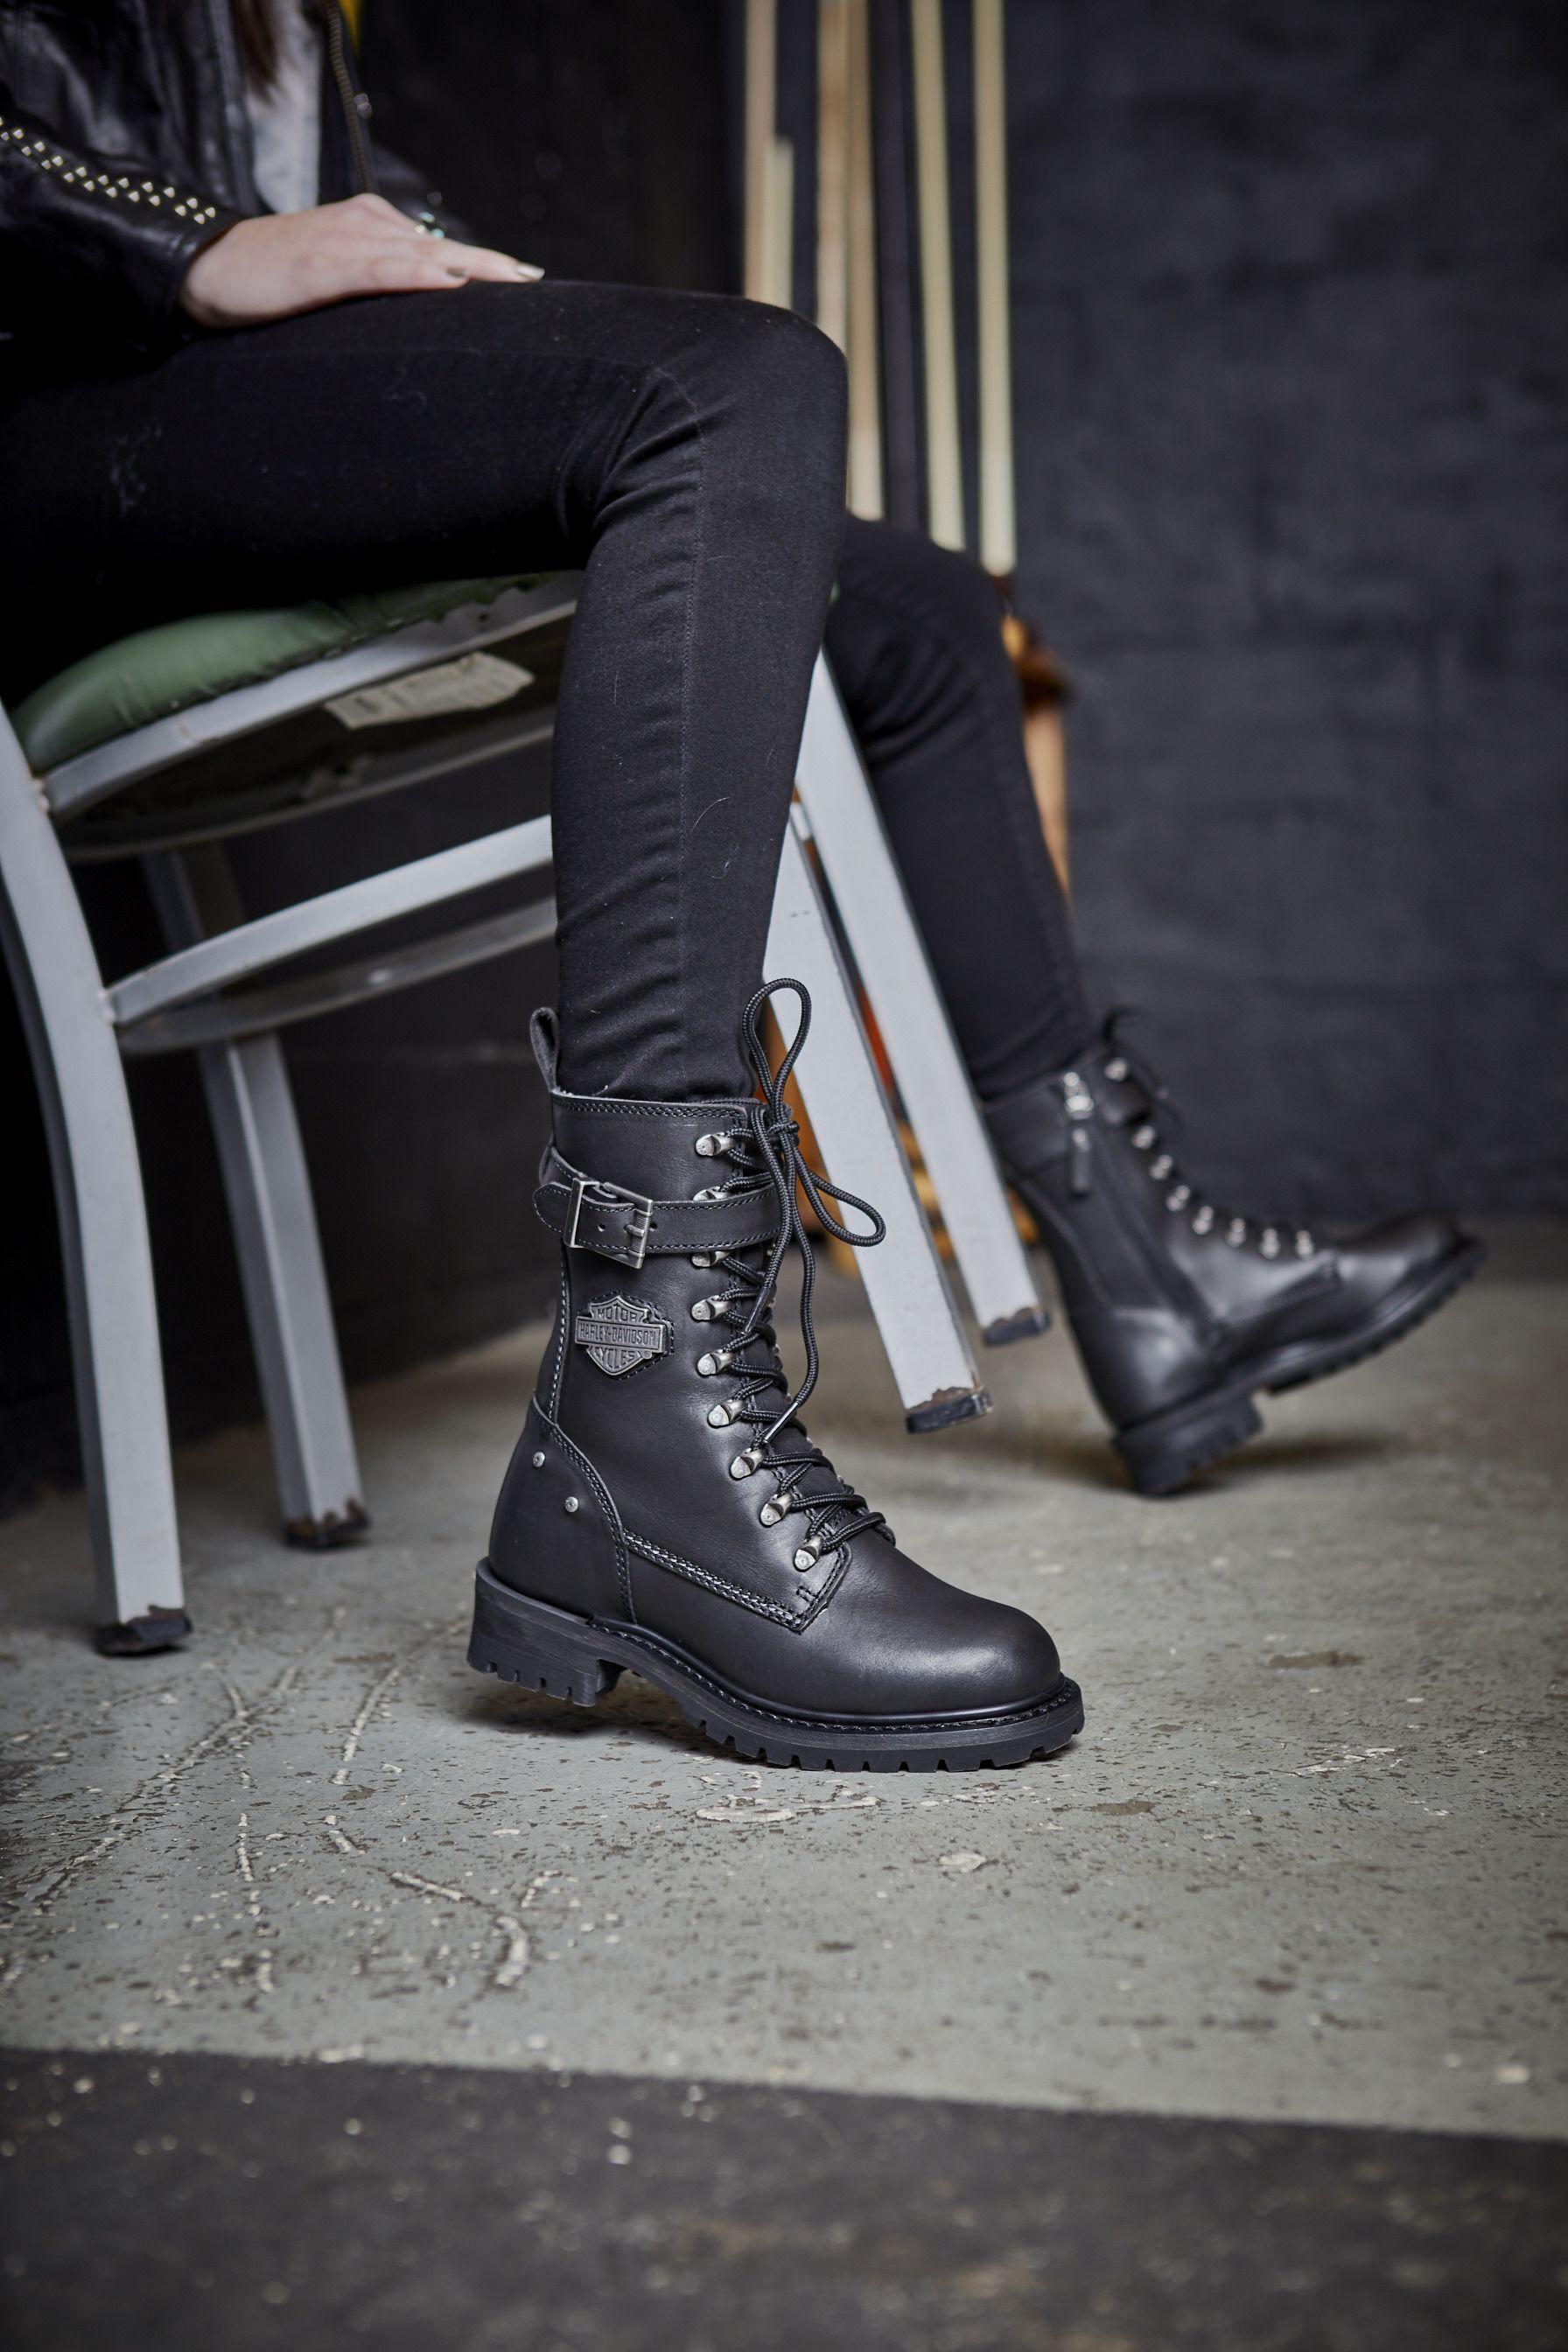 ef23e8748714a Women's Calvert Boot | Women's Dealer Exclusives | Harley davidson ...